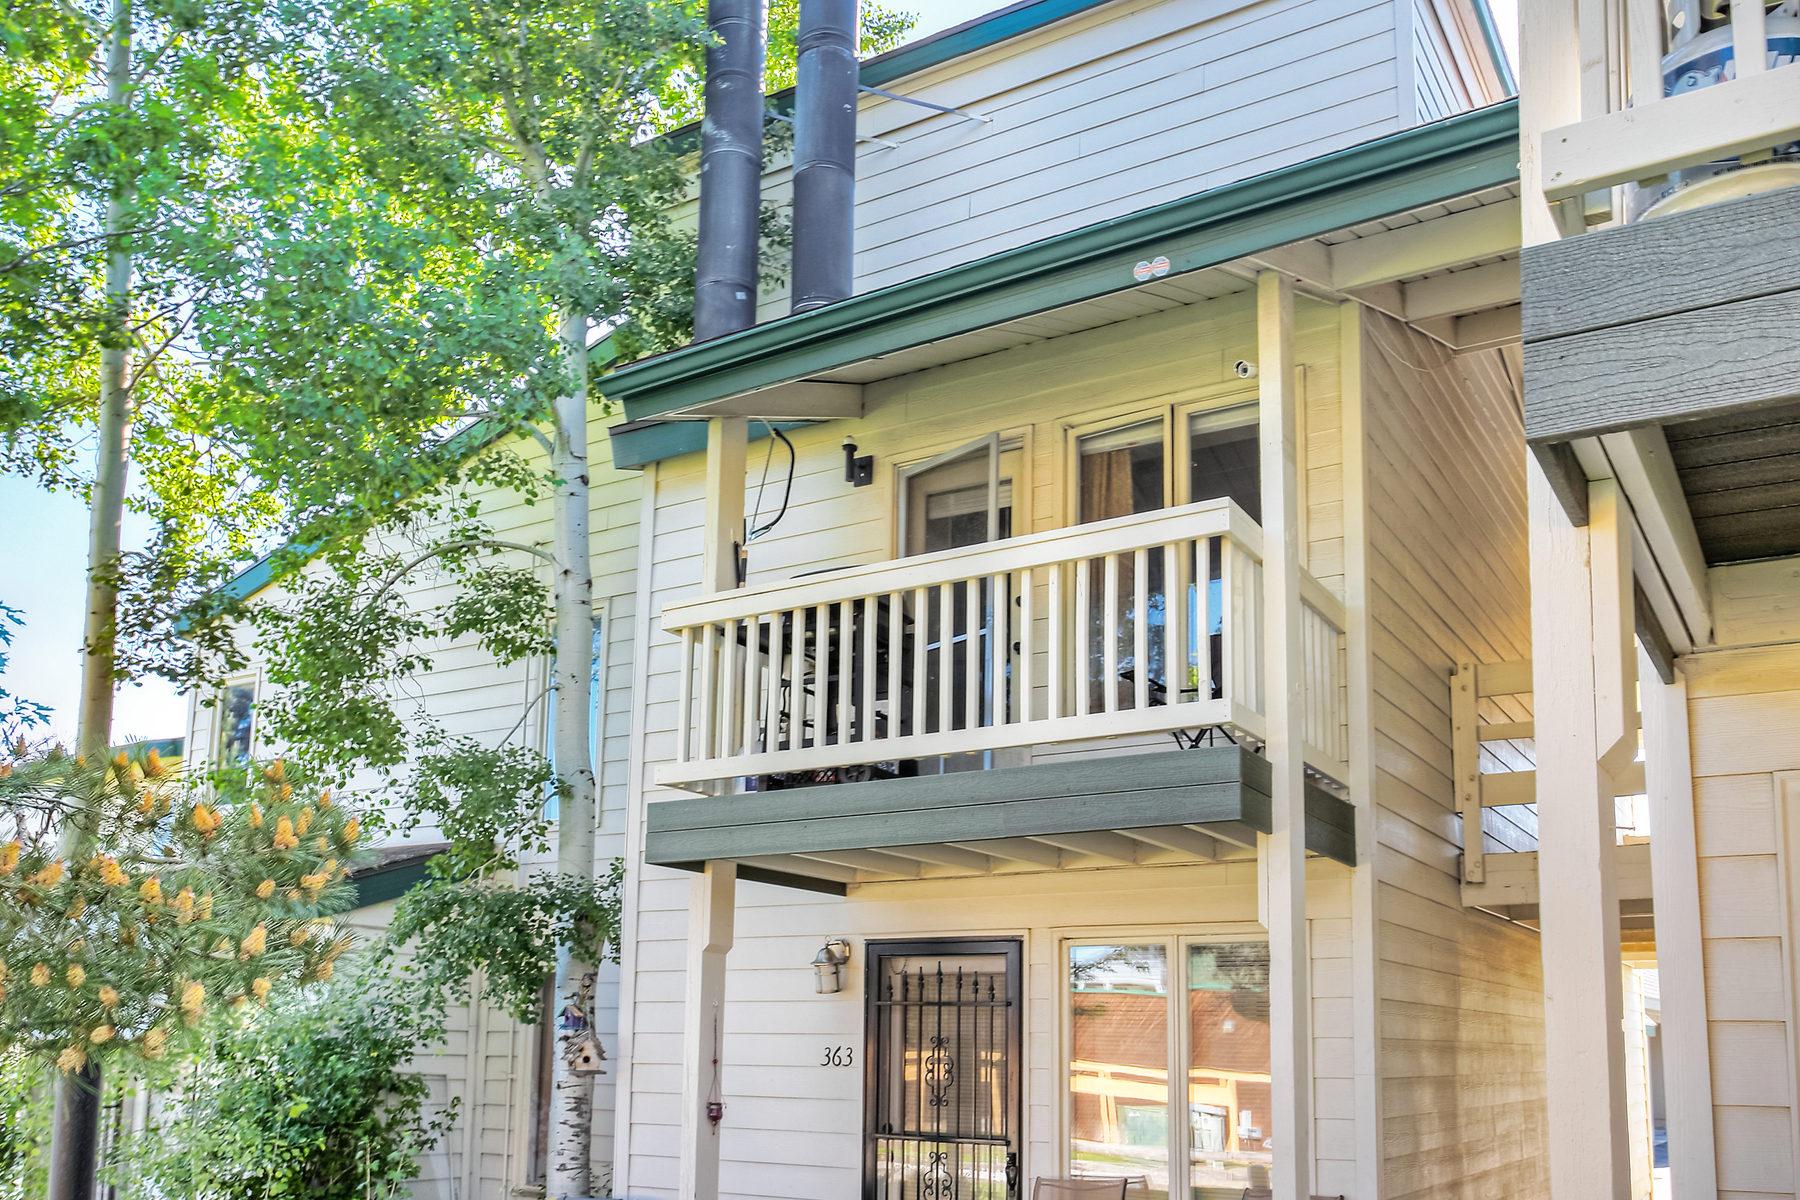 Кооперативная квартира для того Продажа на Excellent Location In Town! 1800 Homestake Rd Unit 364-U Park City, Юта 84060 Соединенные Штаты